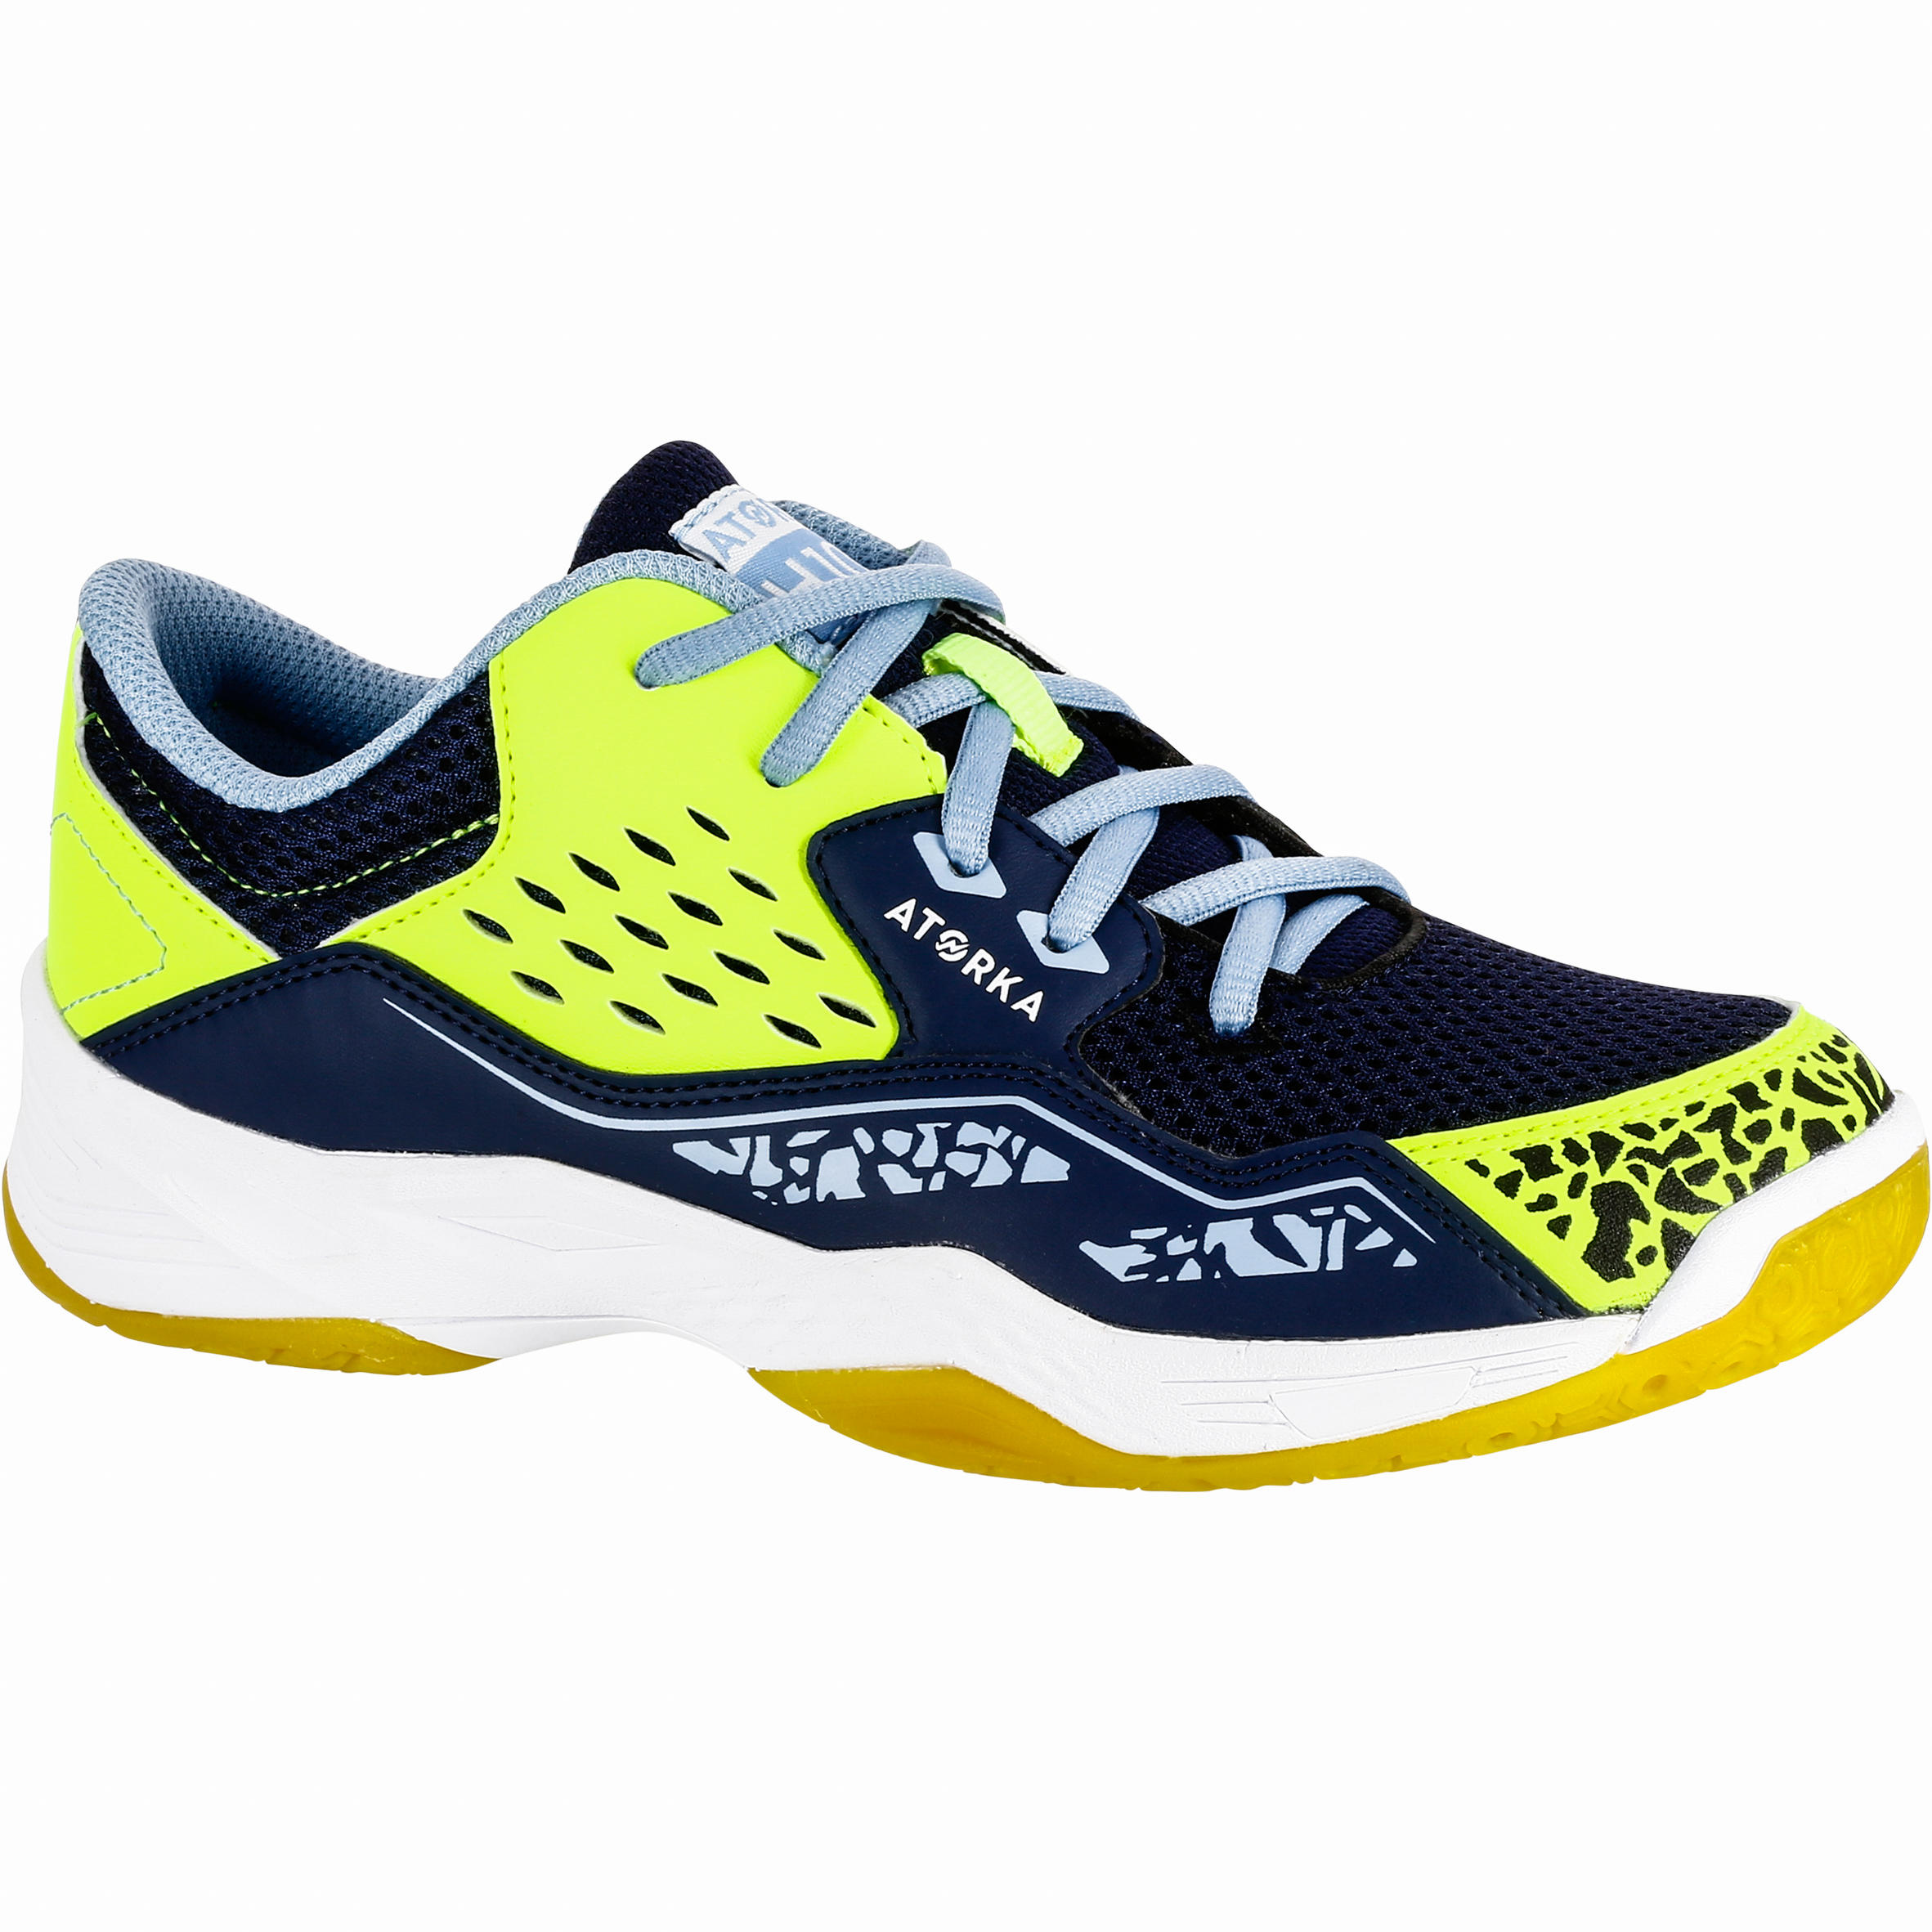 Tenis de Handball H100 niño azul y amarillo